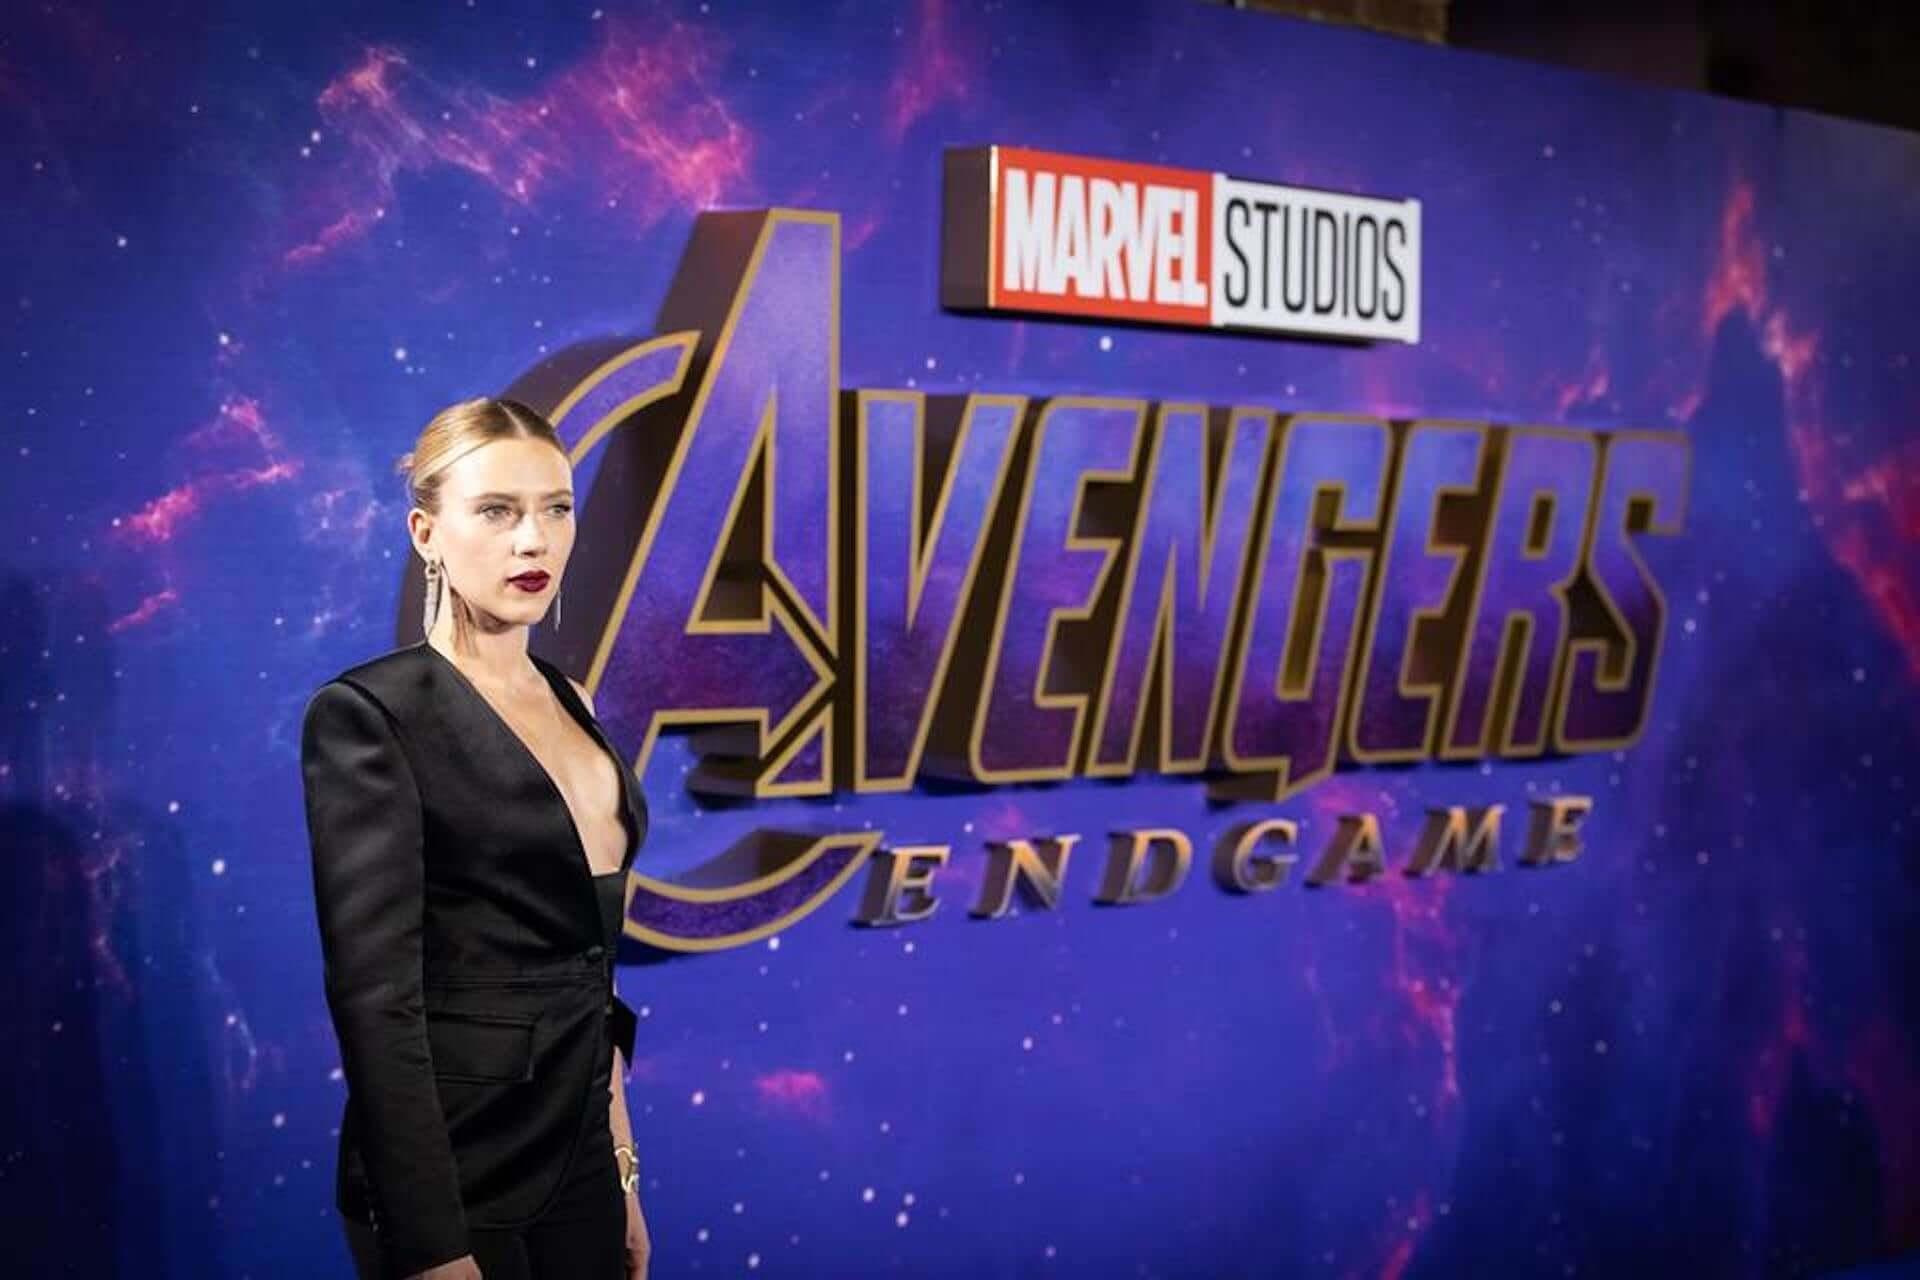 「ブラック・ウィドウ」スカーレット・ヨハンソン、2019年上半期で最も稼いだ女優に|『アベンジャーズ/エンドゲーム』が影響か film190826_scarlettejohanson_main-1920x1280